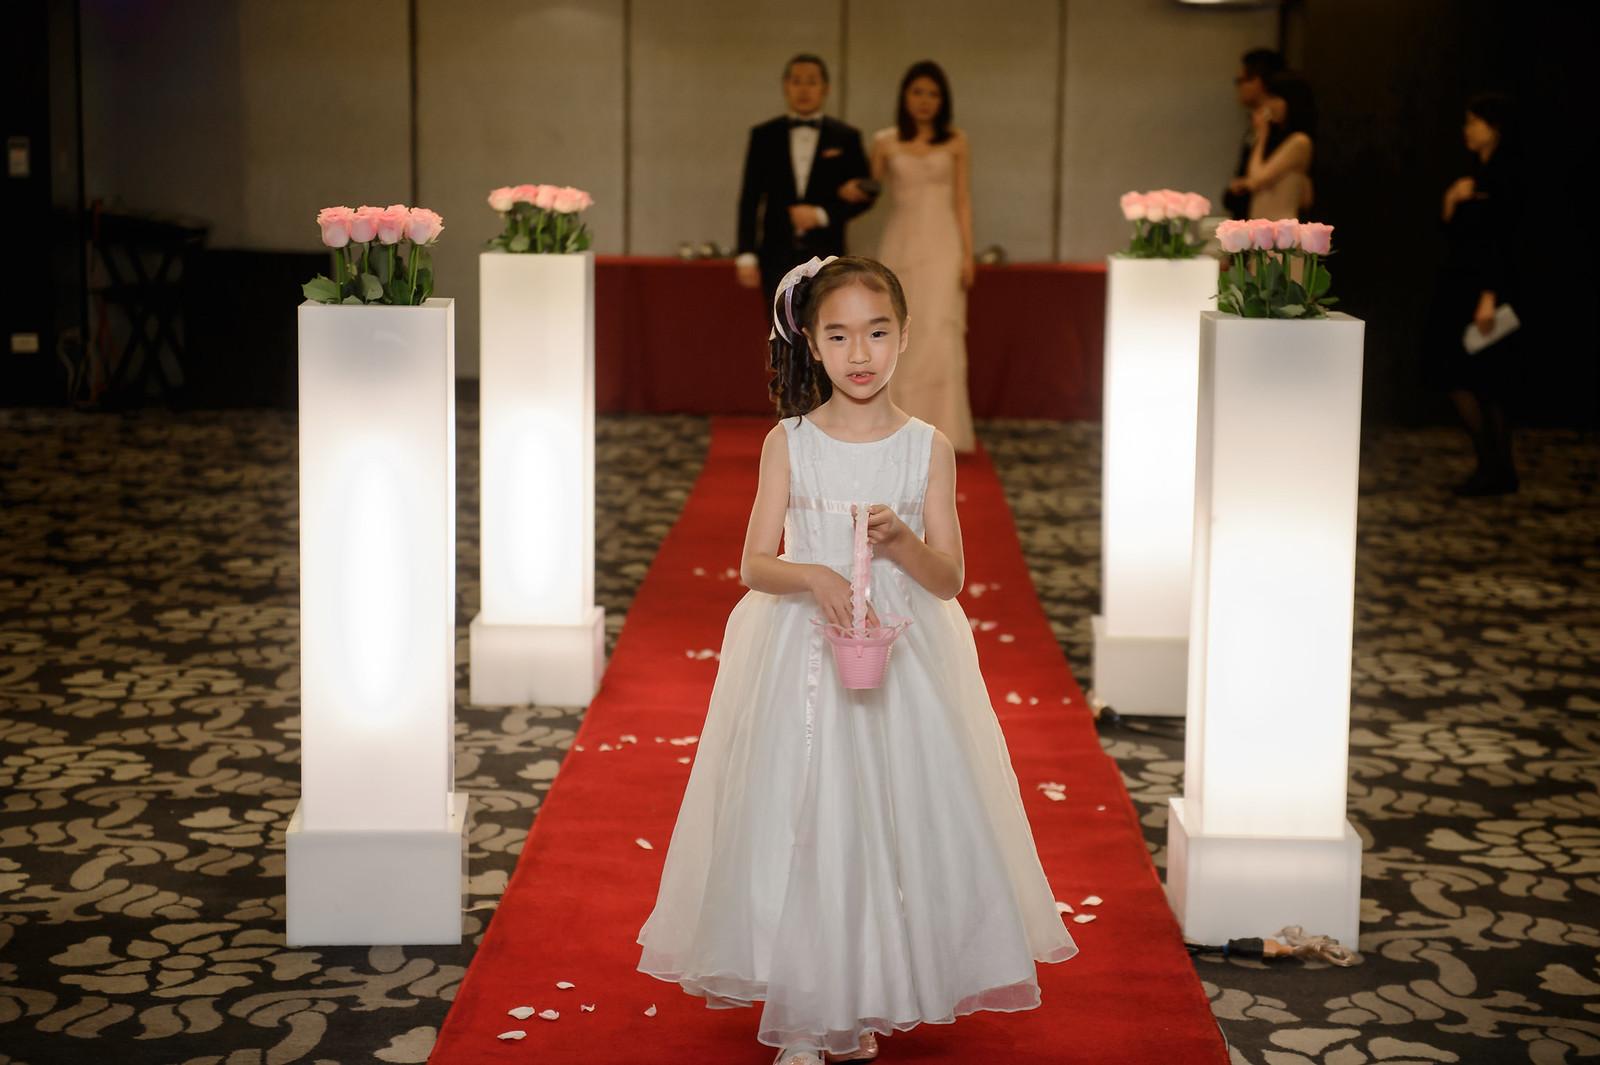 台北婚攝, 婚禮攝影, 婚攝, 婚攝守恆, 婚攝推薦, 晶華酒店, 晶華酒店婚宴, 晶華酒店婚攝-22